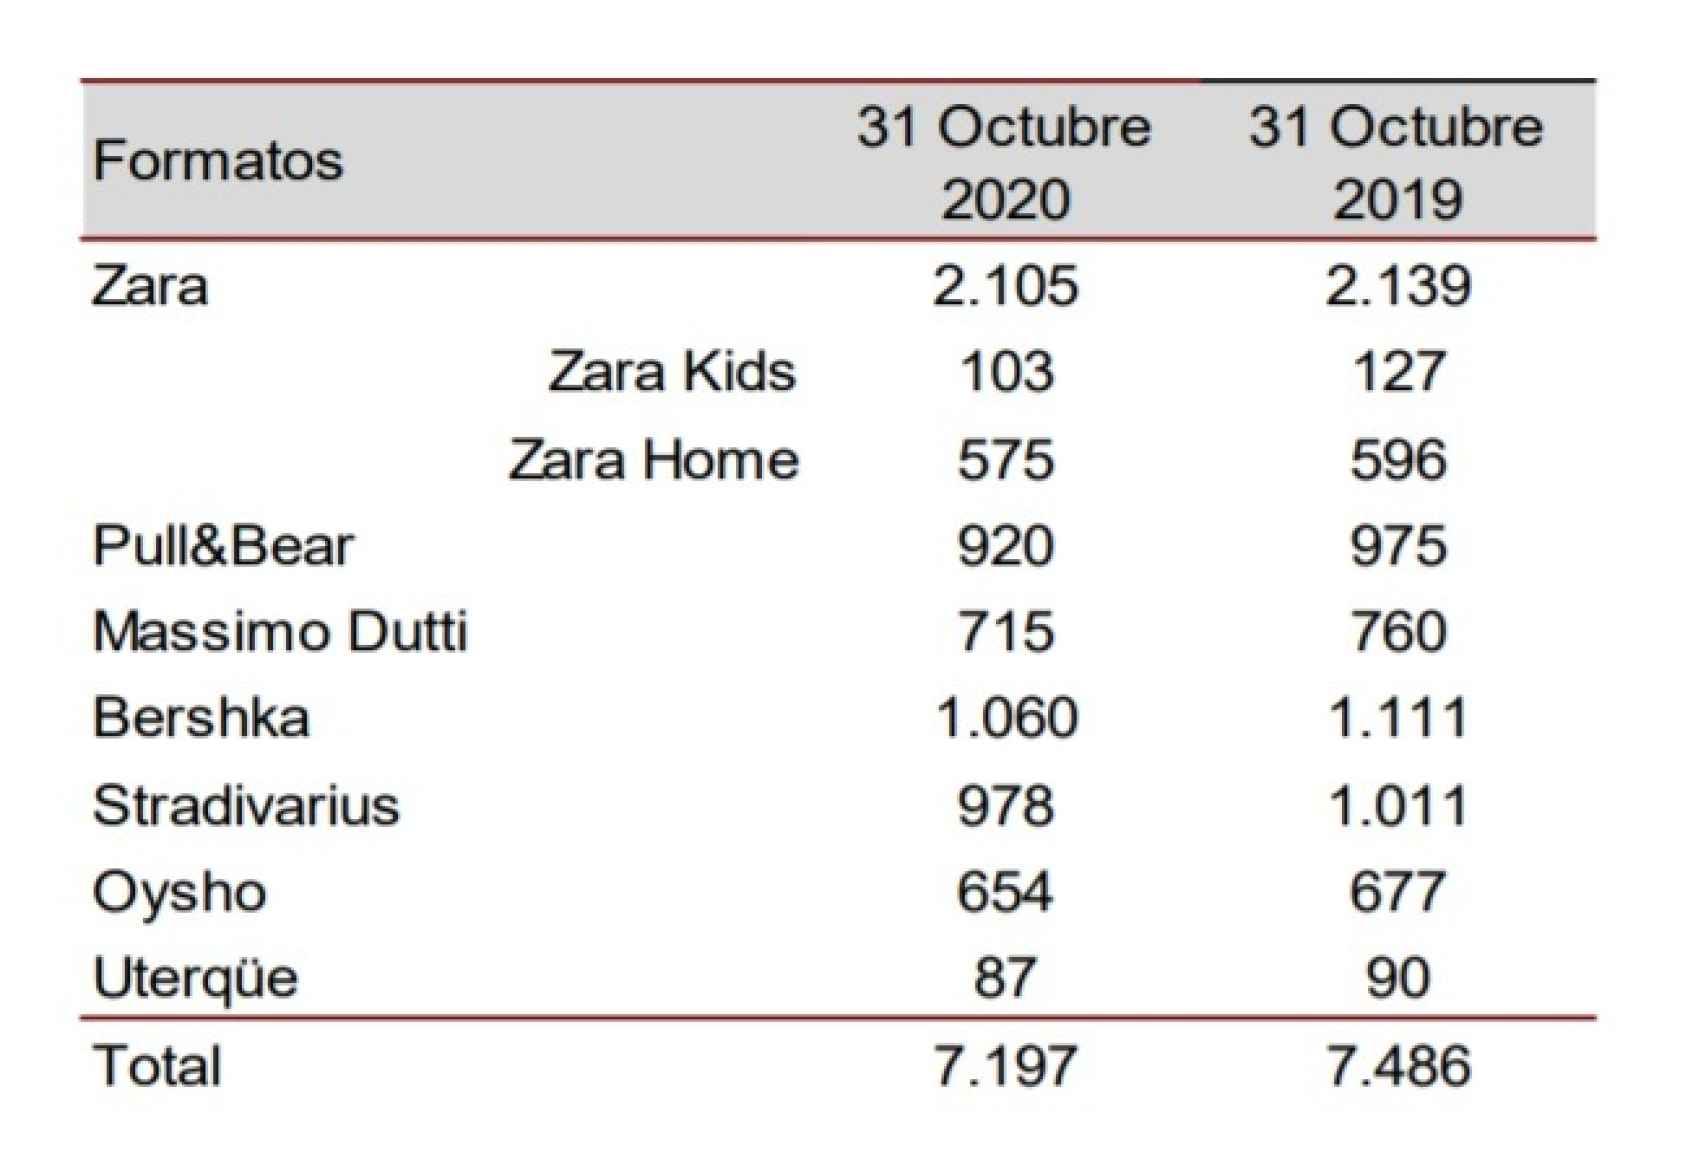 Comparación del número de tiendas de Inditex. Fuente: Indtex.